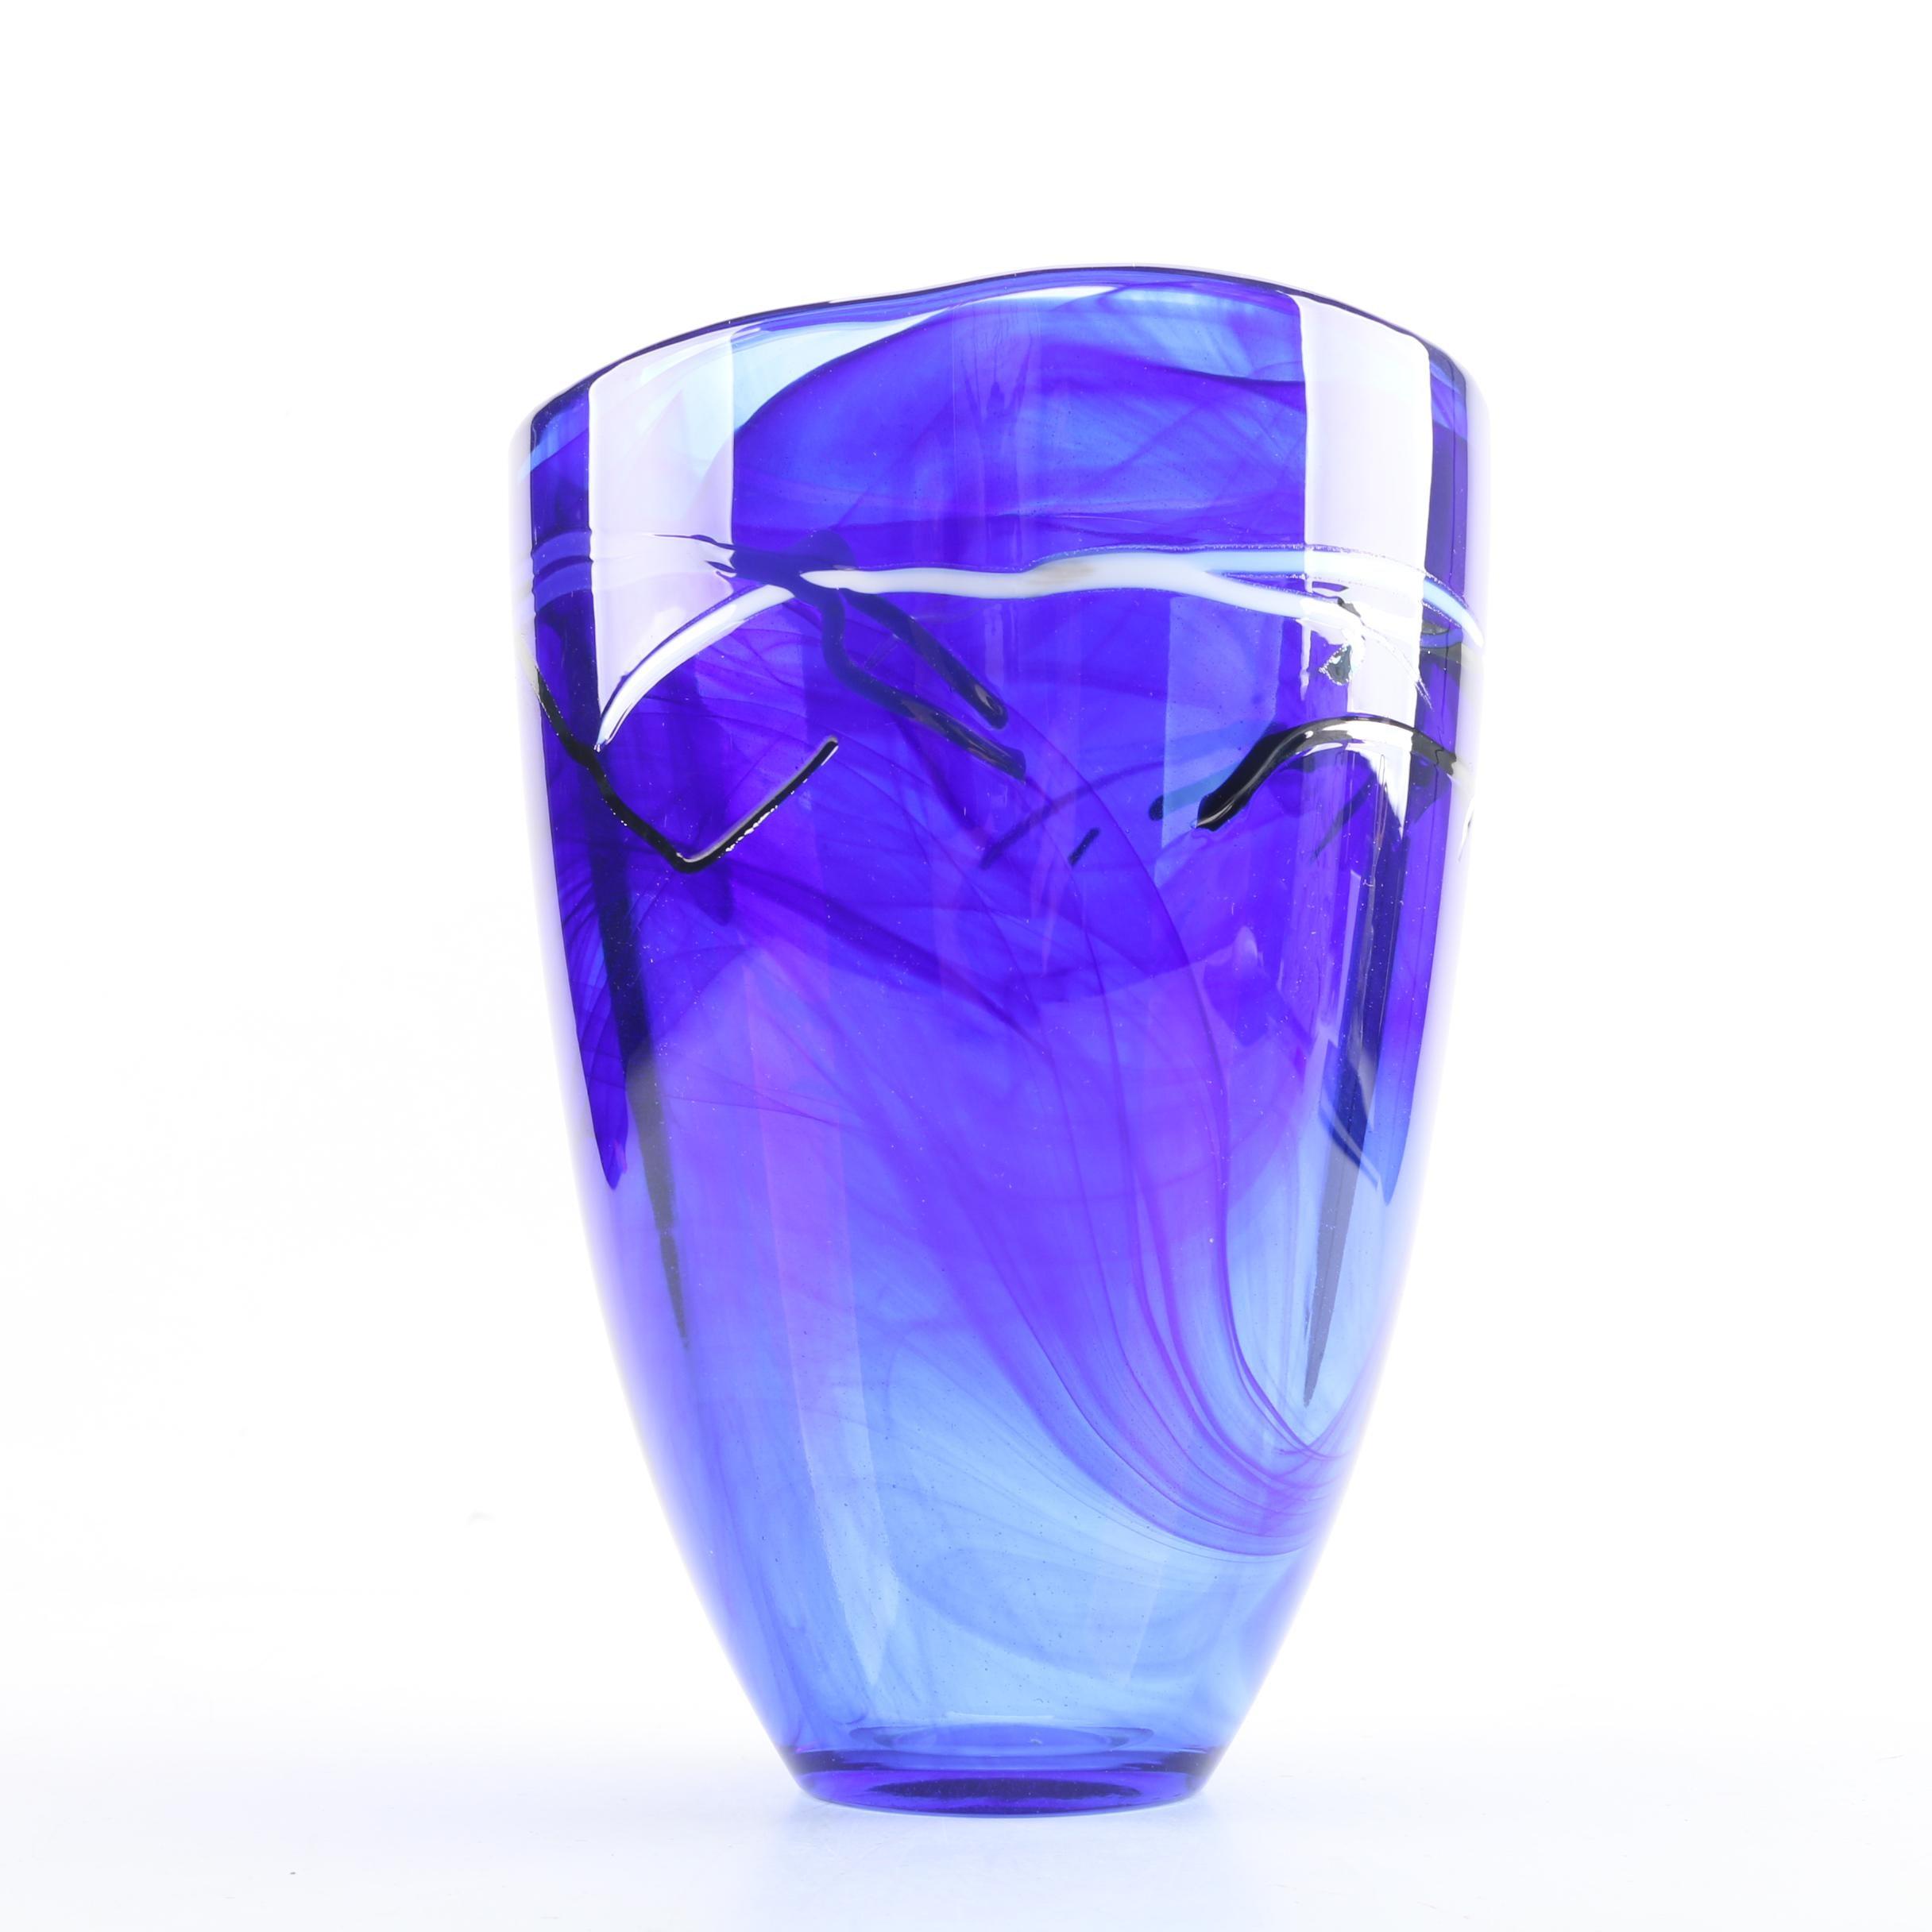 Kosta Boda Hand Blown Glass Vase by Anna Ehrner